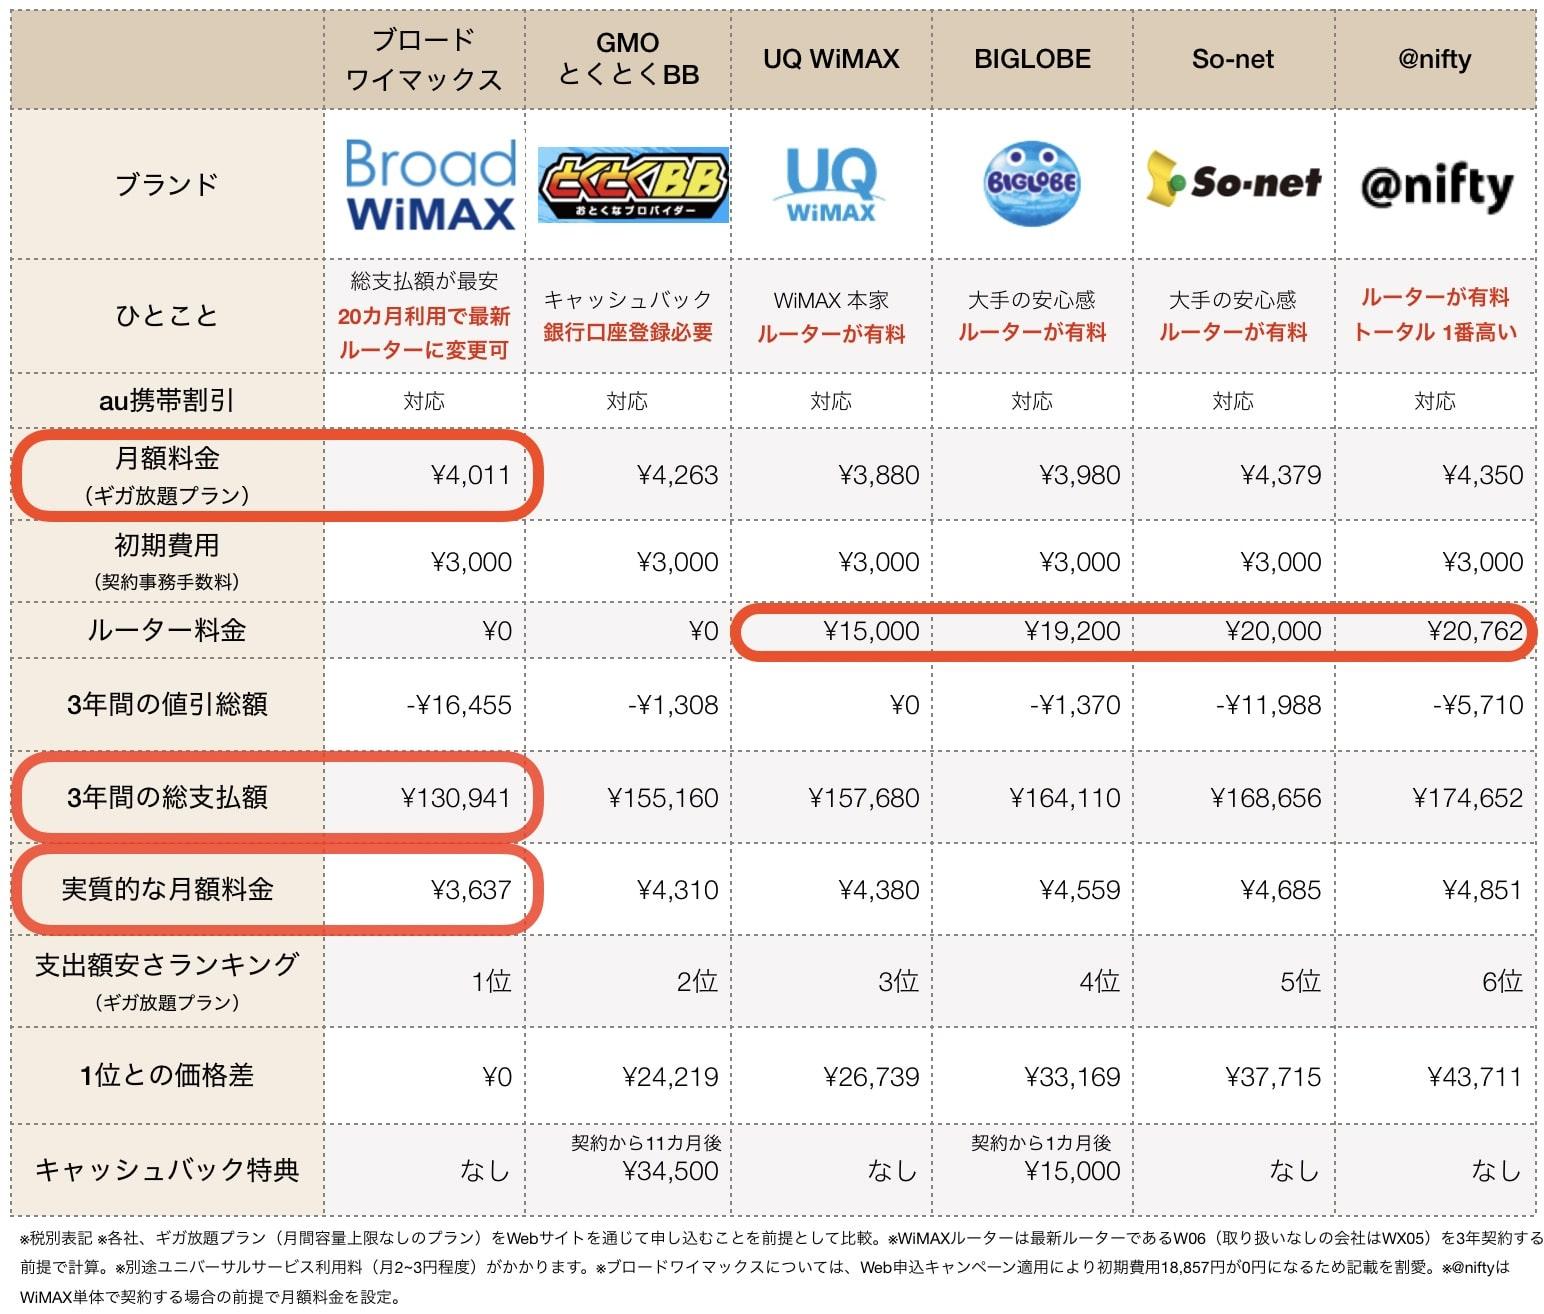 2020年1月WiMAX料金比較表